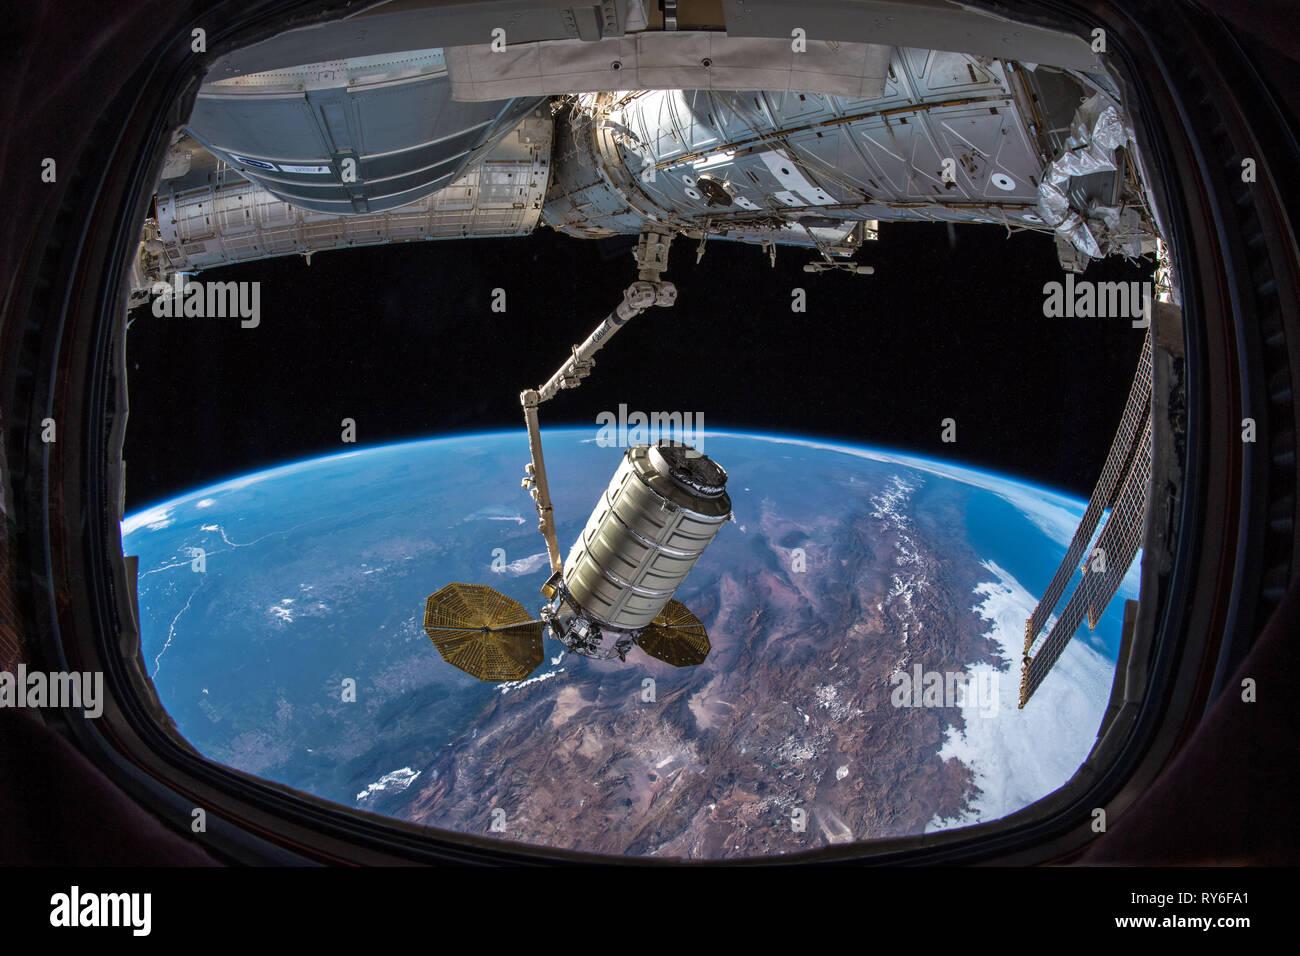 Cygnys s'est amarré à l'ISS (International Space Station), de la recherche et de l'offre de fournitures. 10 févr. 2019 partiront. Photo Stock